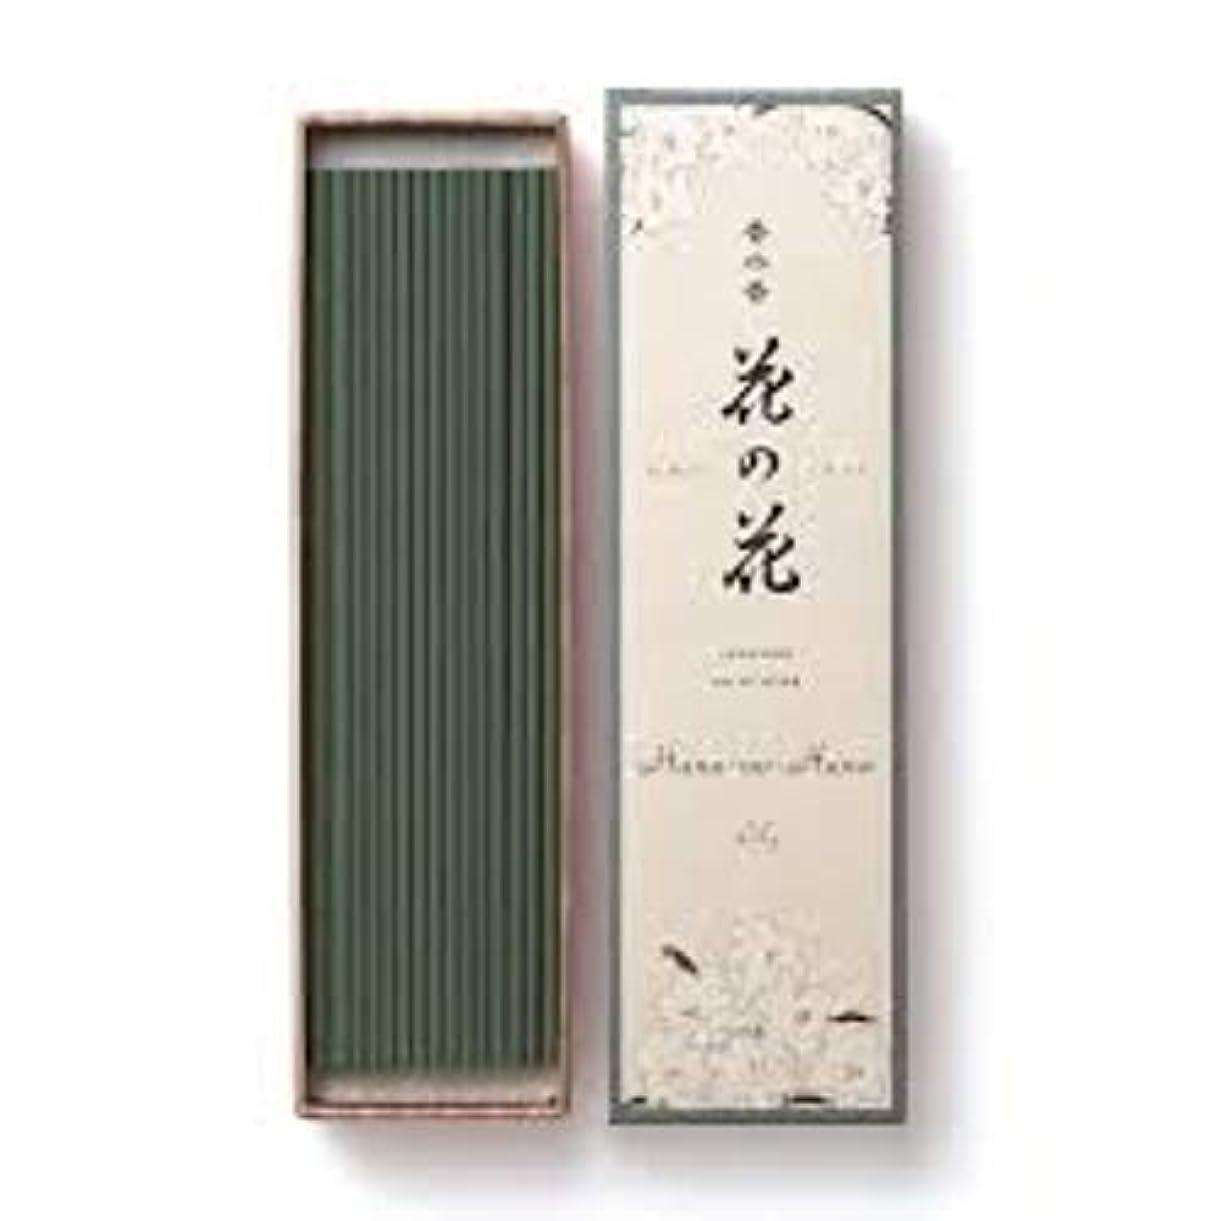 ブロッサム薬局取り組むお香 香水香花の花 ゆり 長寸40本入(30006)